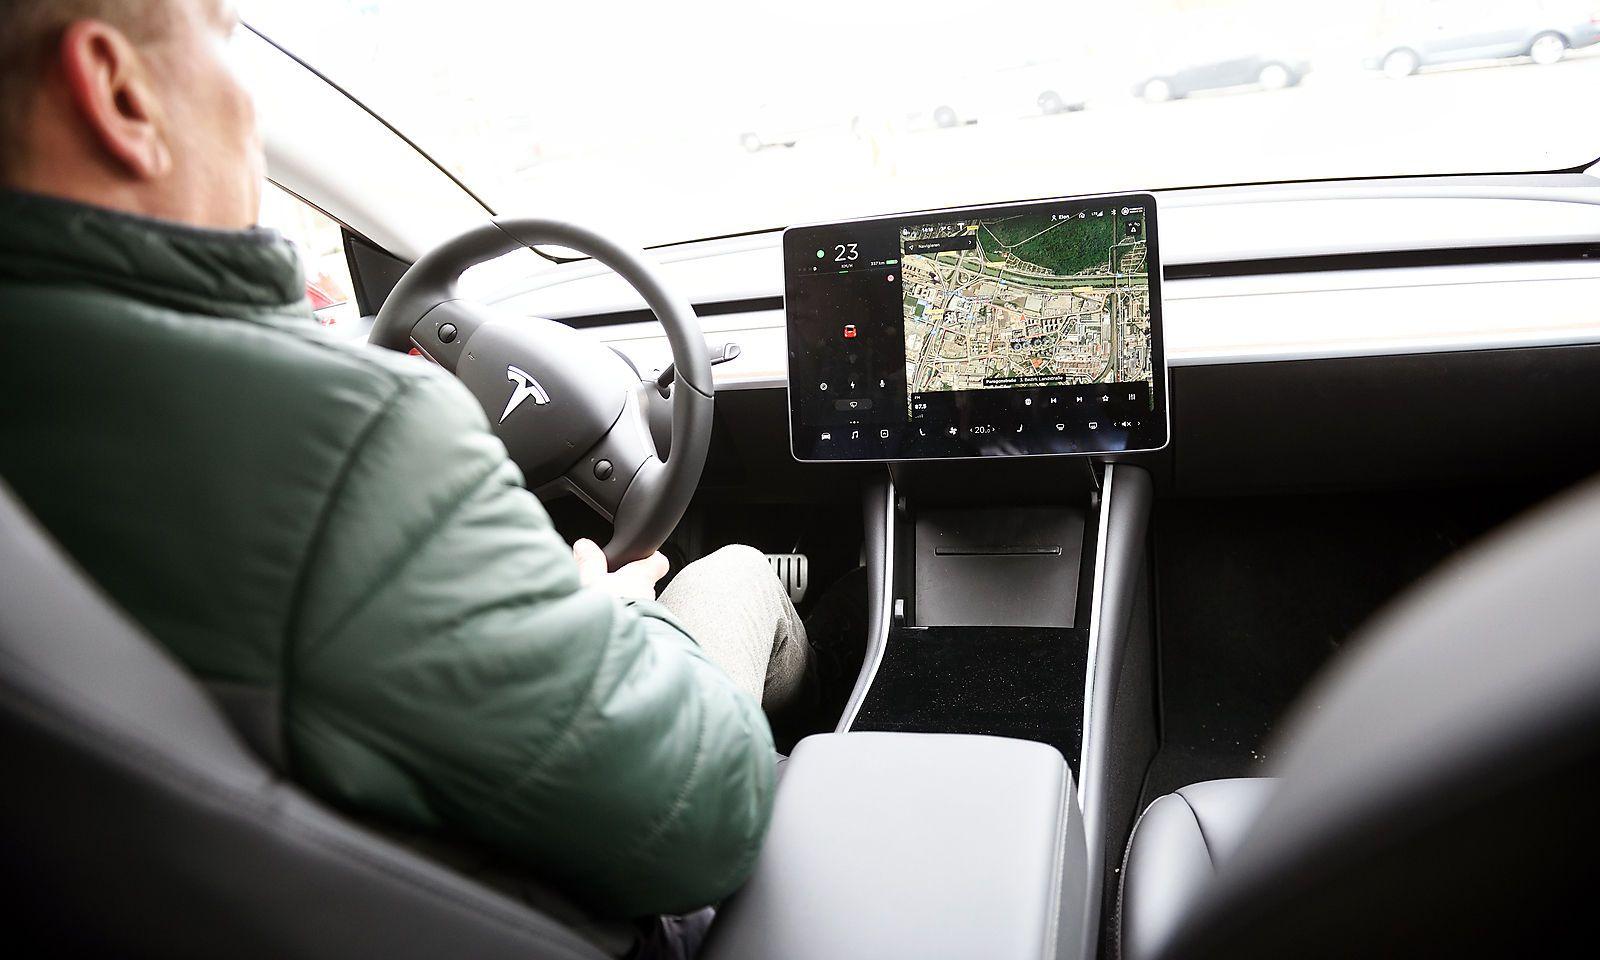 Das puristische Cockpit: Lenkrad, zwei Hebel, ein Monitor.